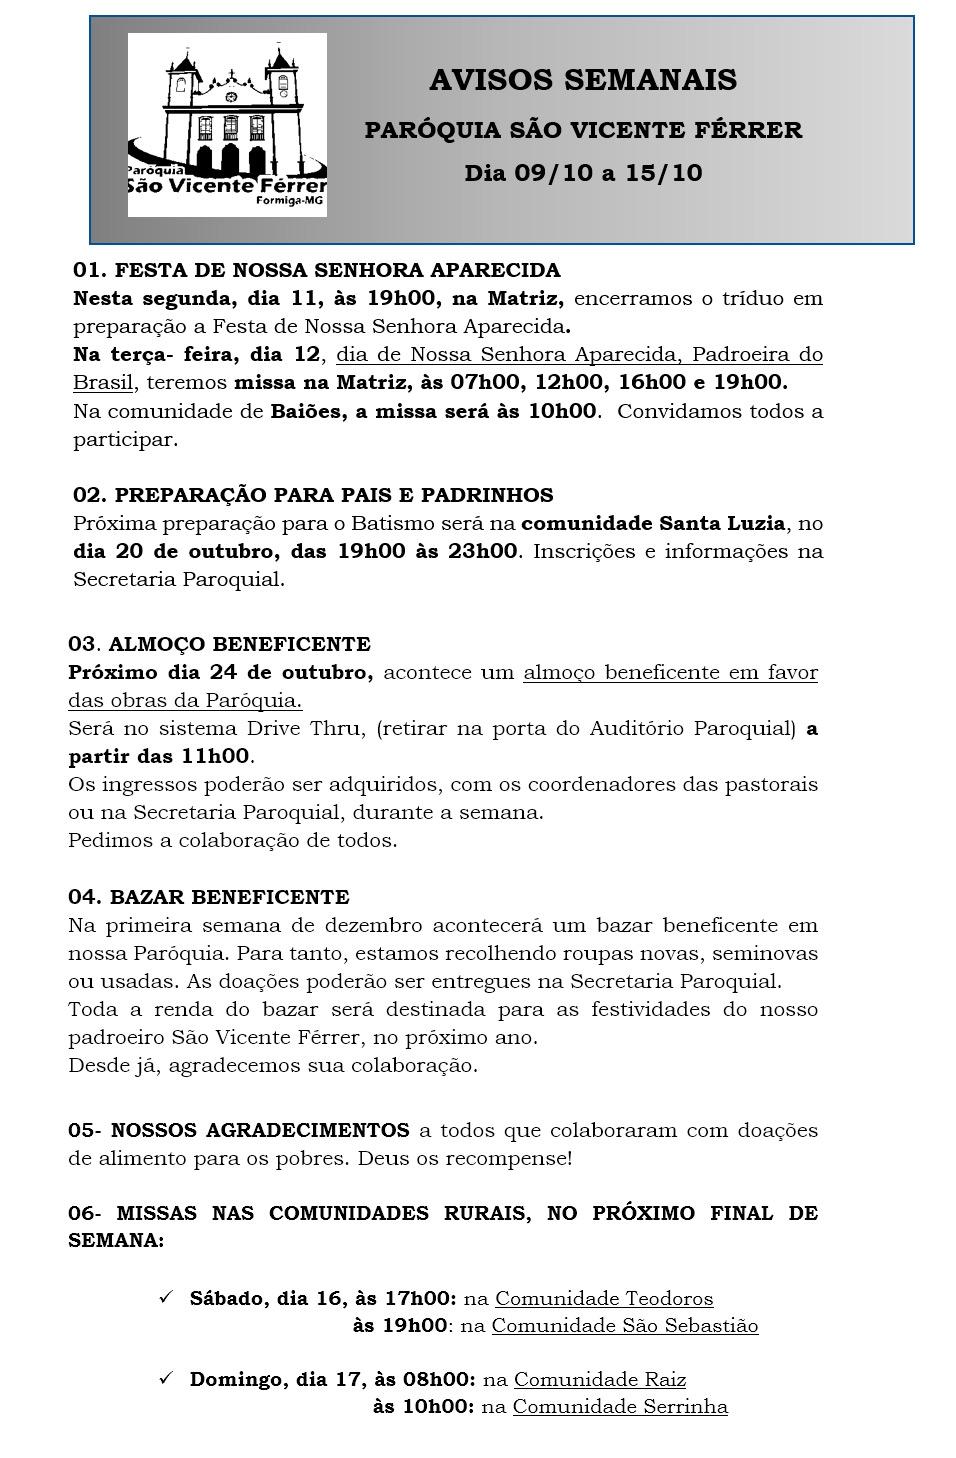 Avisos-paroquiais-09--10-a-15-10-2021